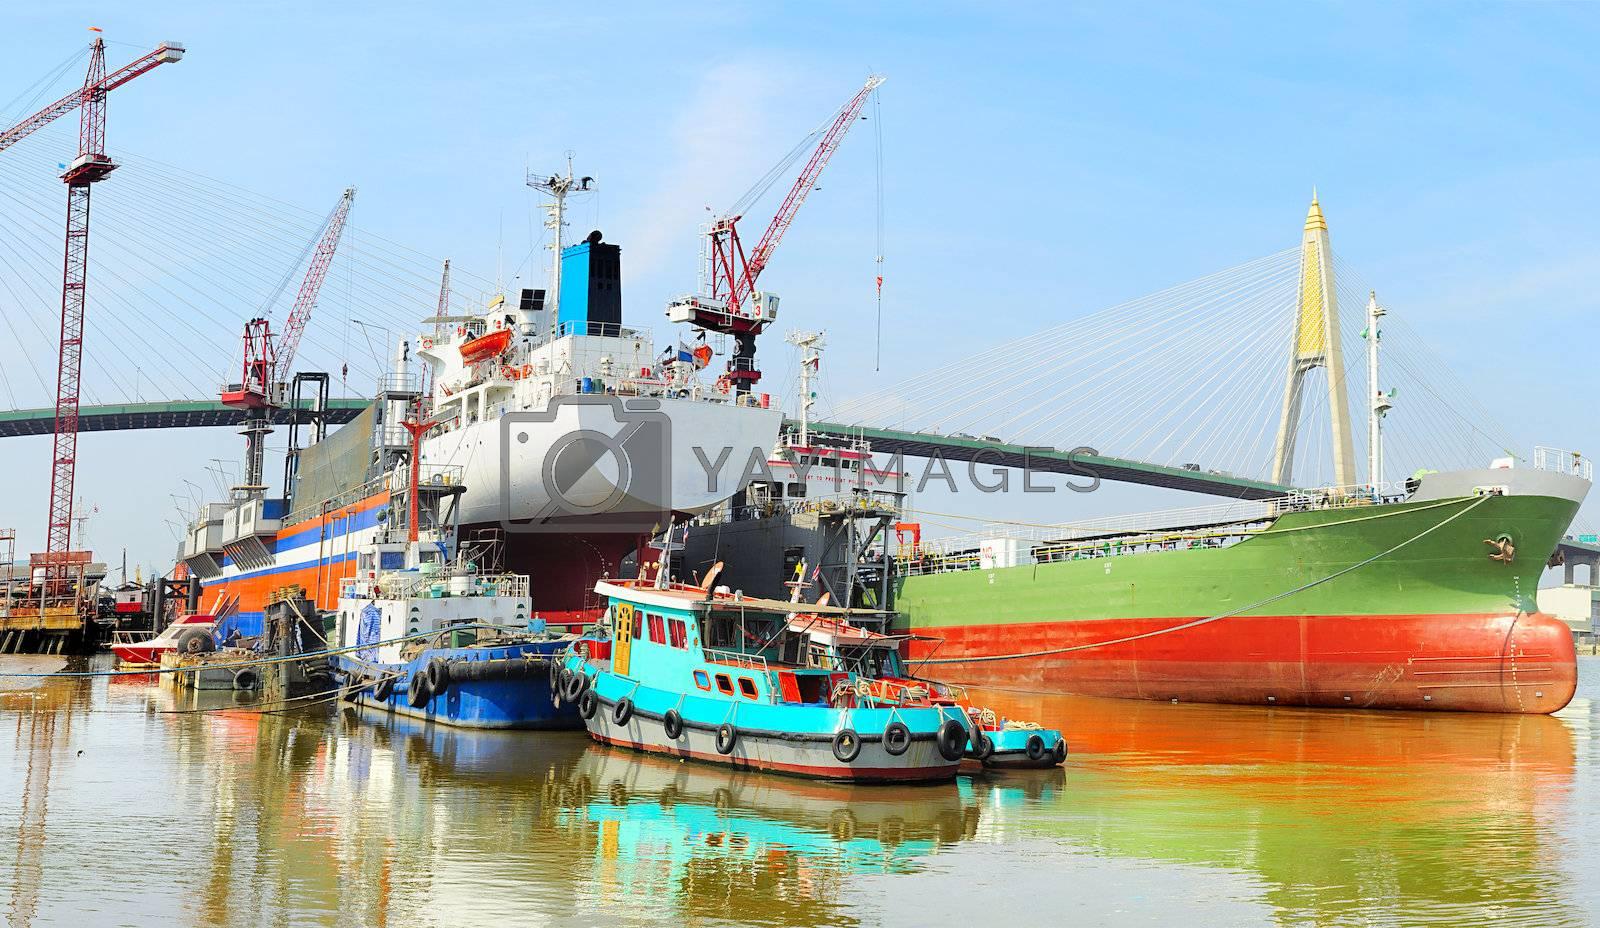 Shipyard in Bangkok on Chao Phraya river, Thailand